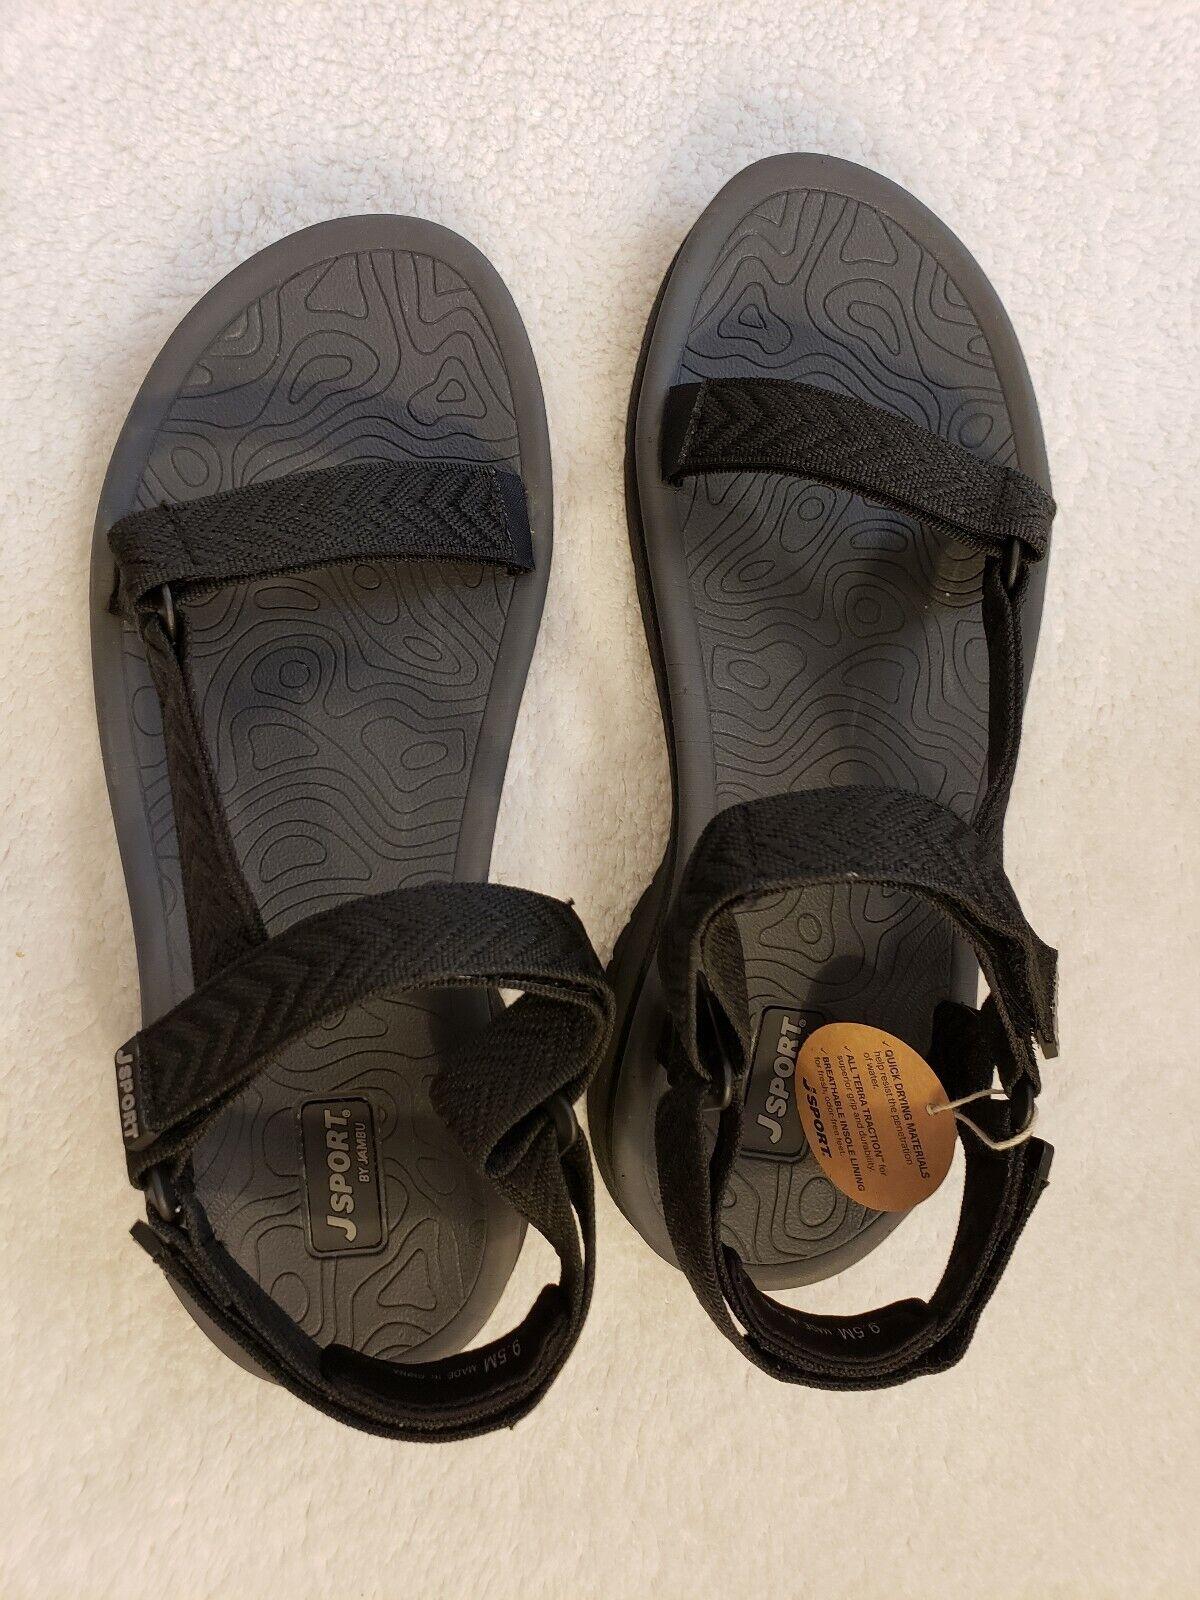 J Sport para mujer Navajo agua listo Sandalias Velcro Negro 9.5 M